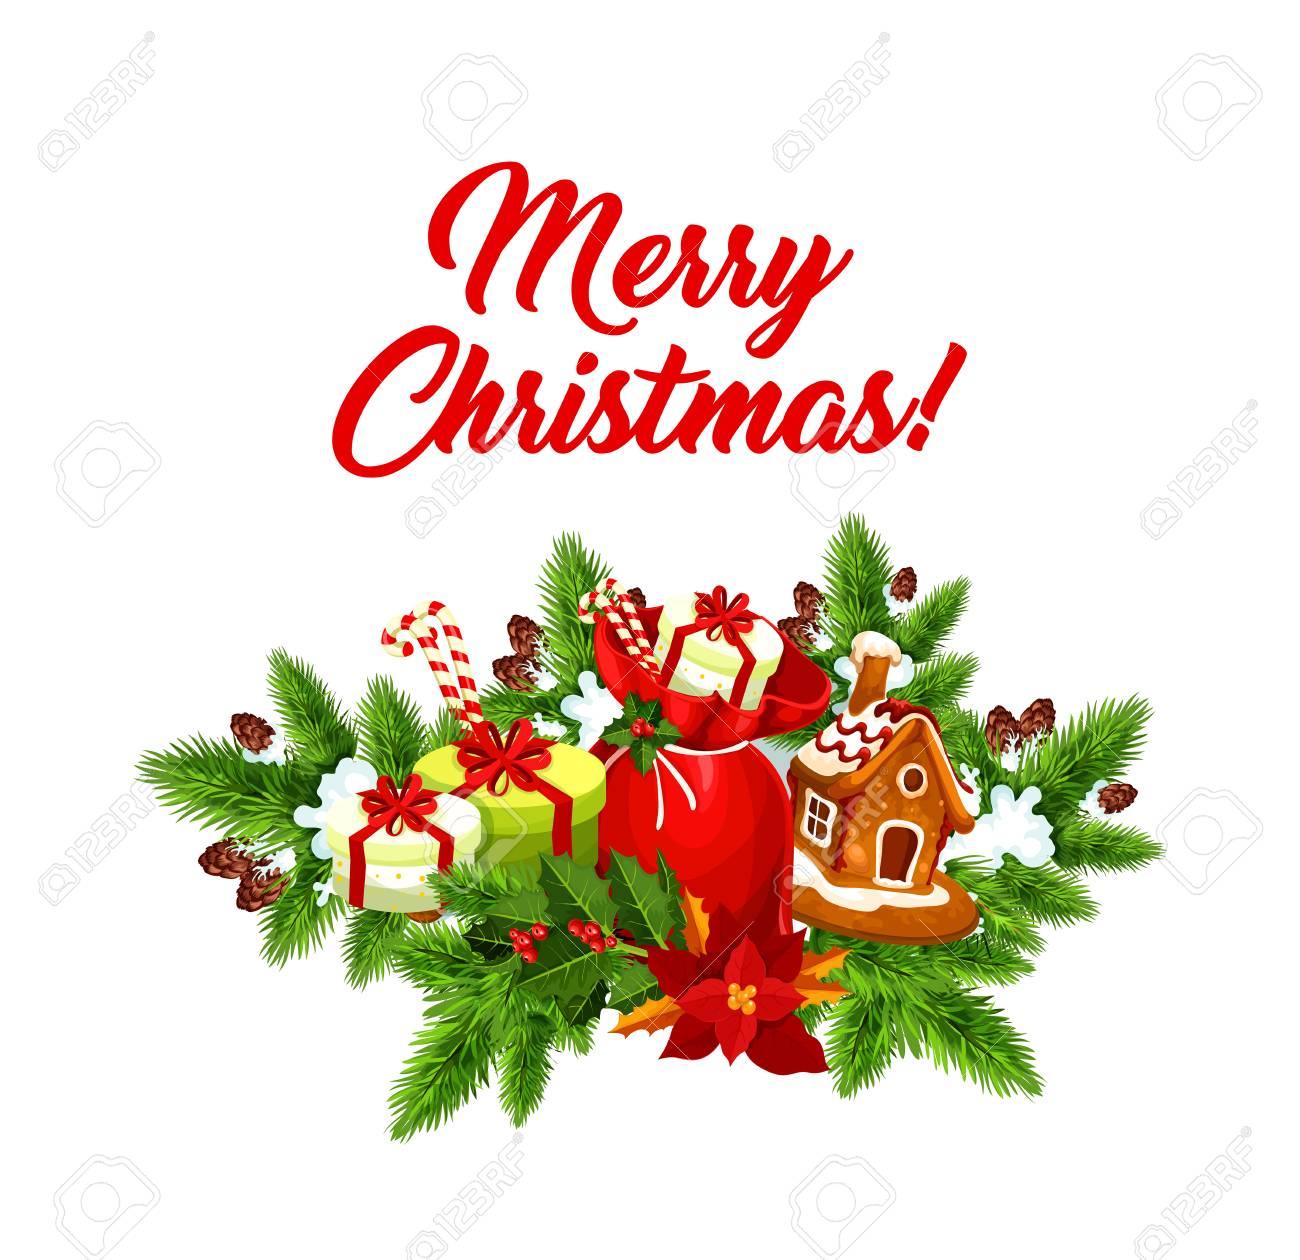 Weihnachtsfeier-Geschenke Vektor-Gruß-Symbol Lizenzfrei Nutzbare ...